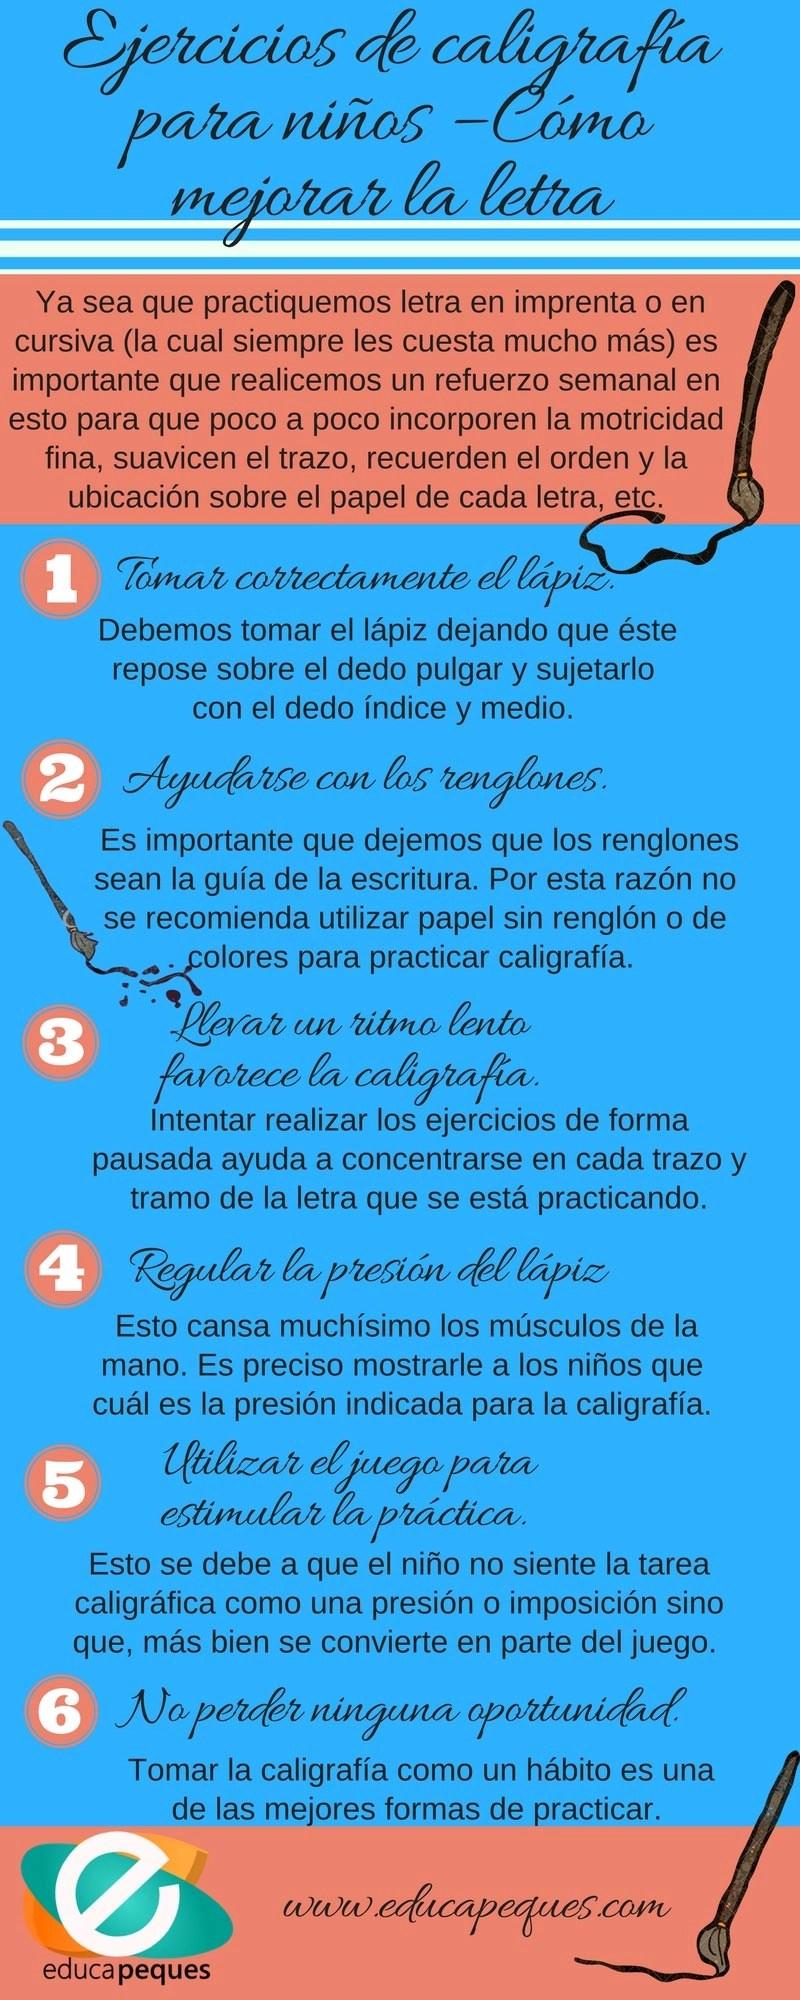 Infografía, Caligrafía. ejercicios de caligrafía